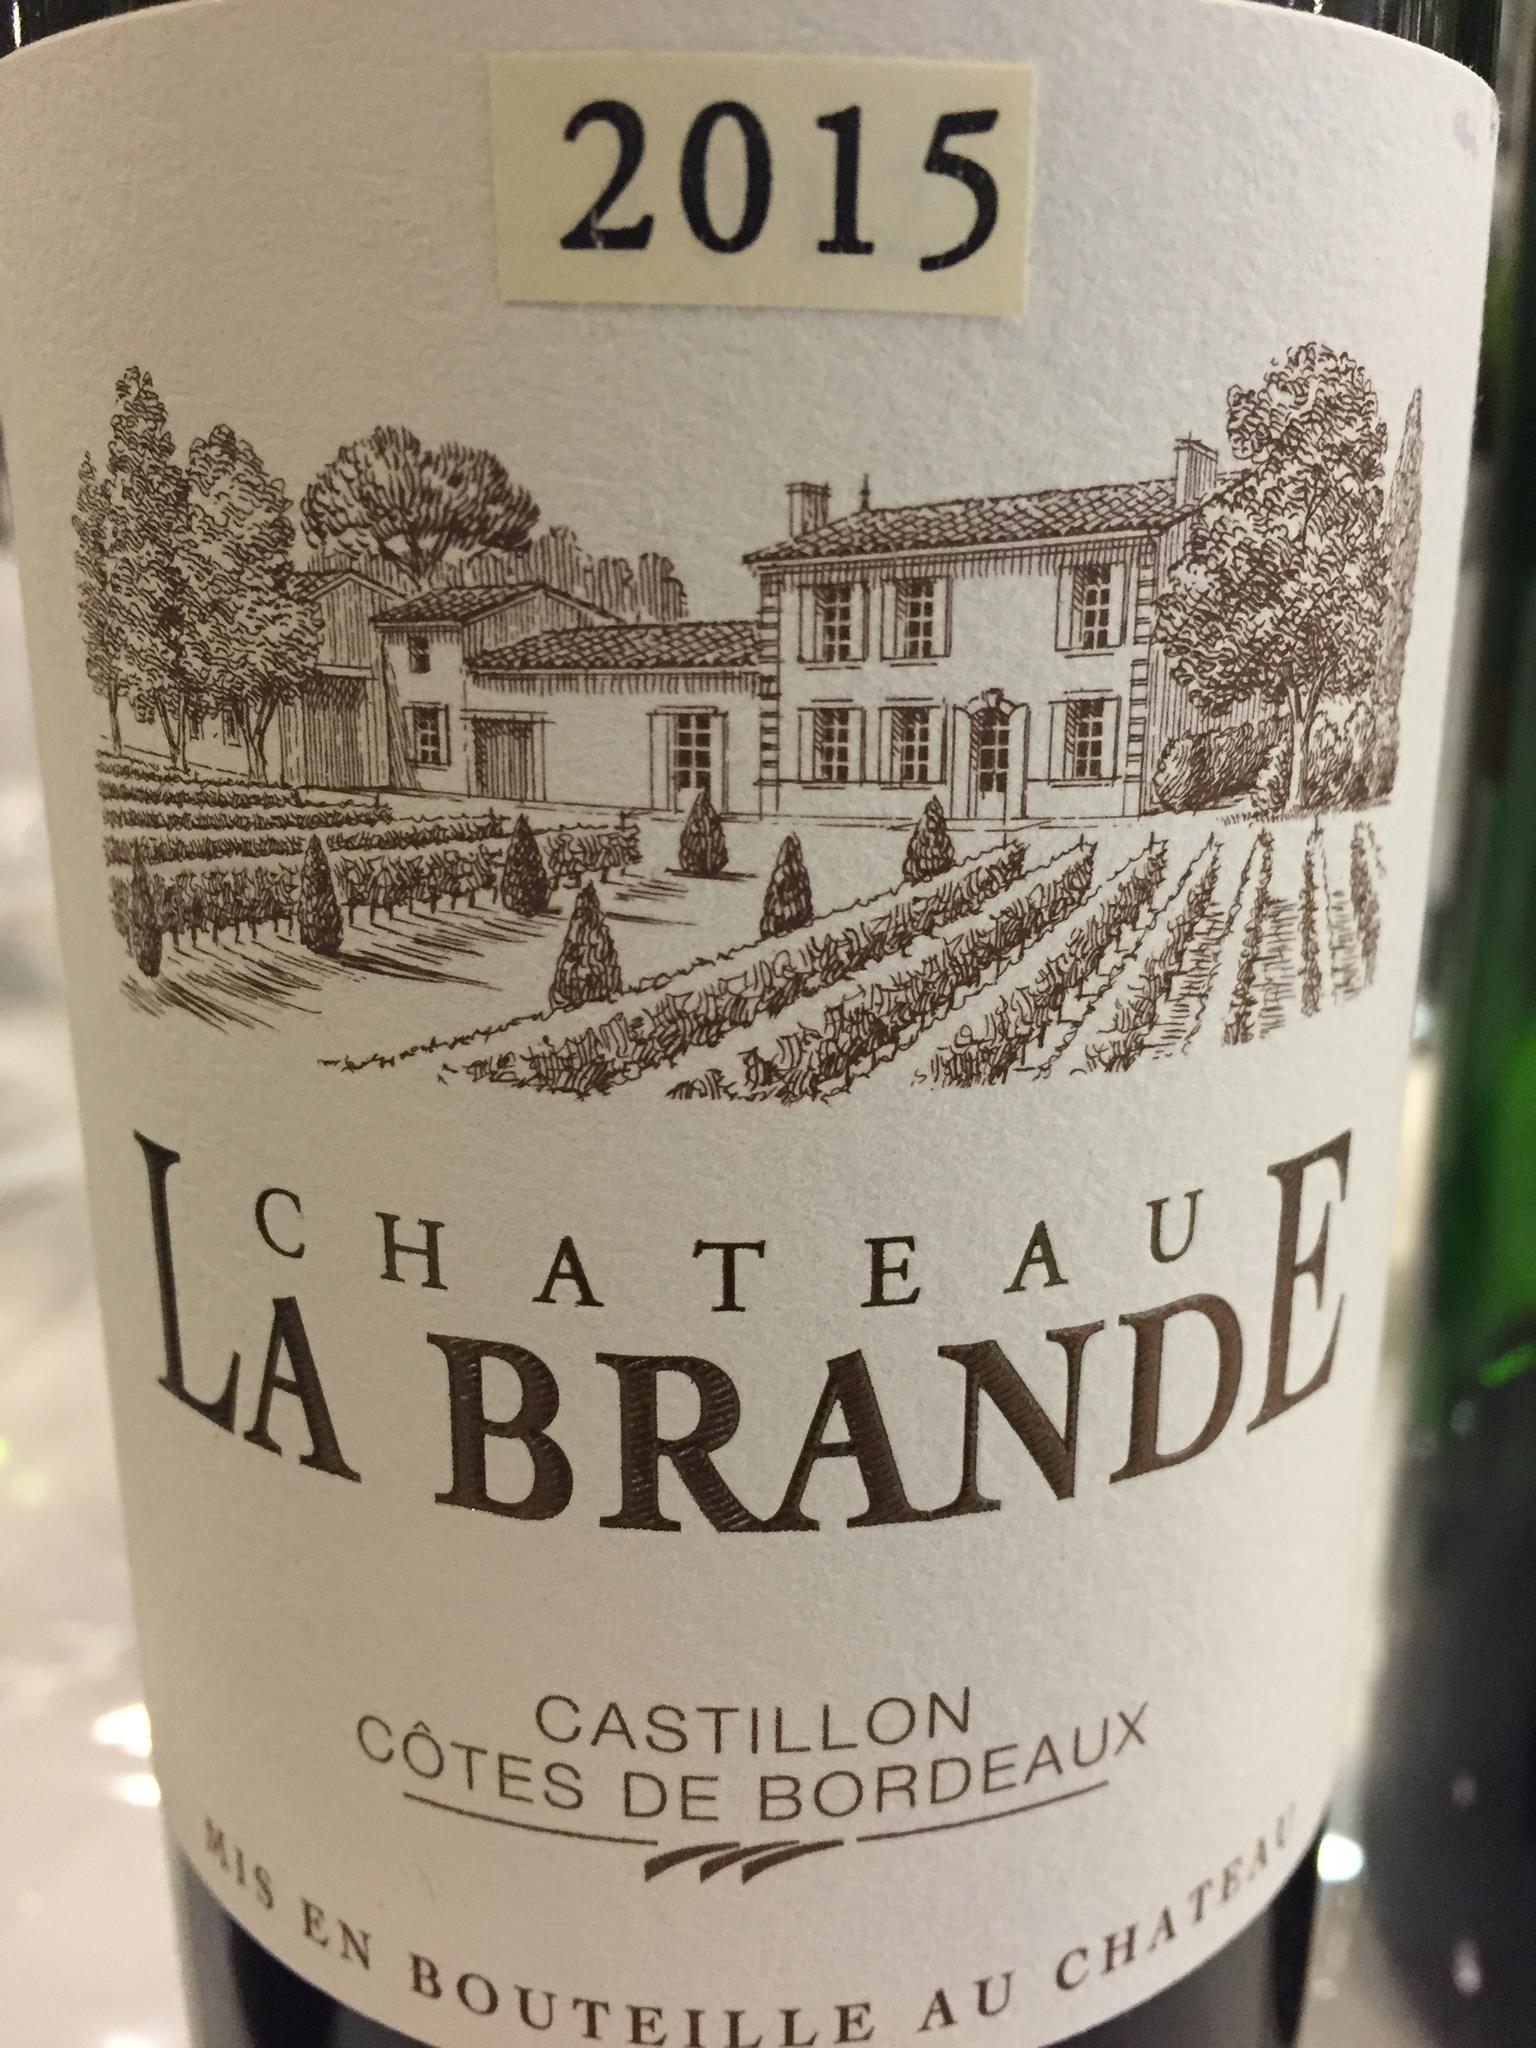 Château La Brande 2015 – Castillon Côtes-de-Bordeaux